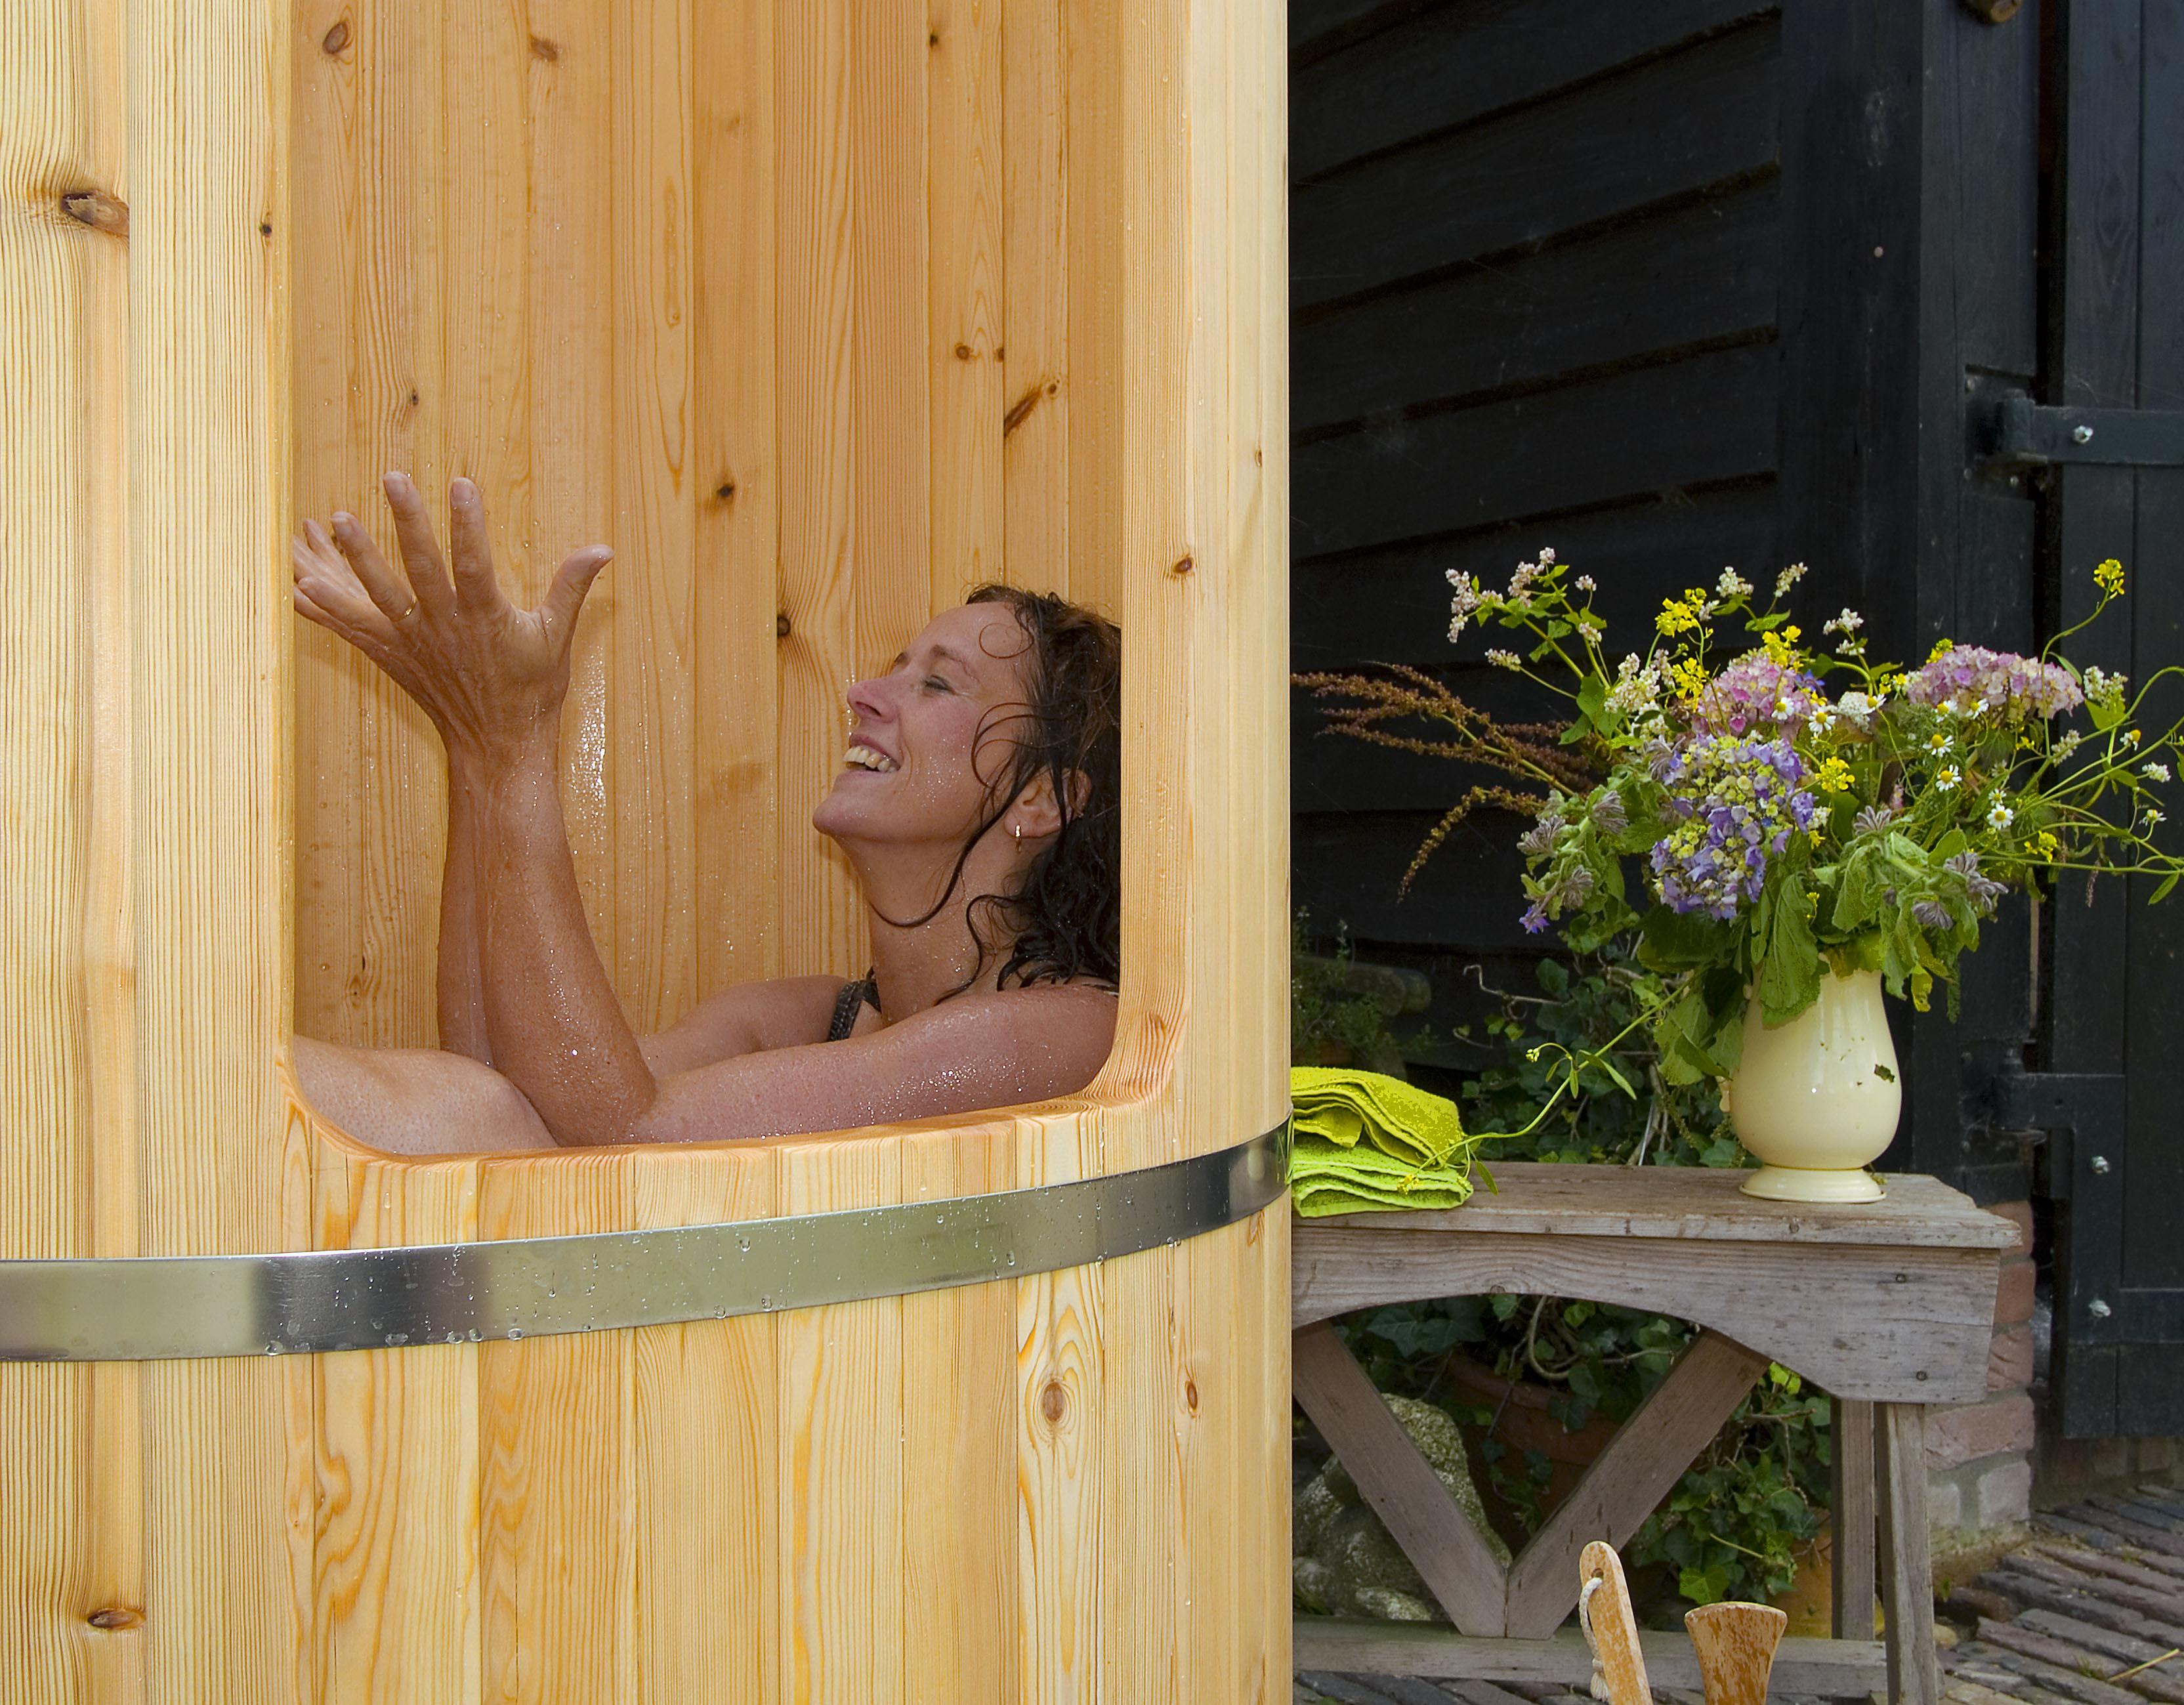 Genieten in houten buitendouche